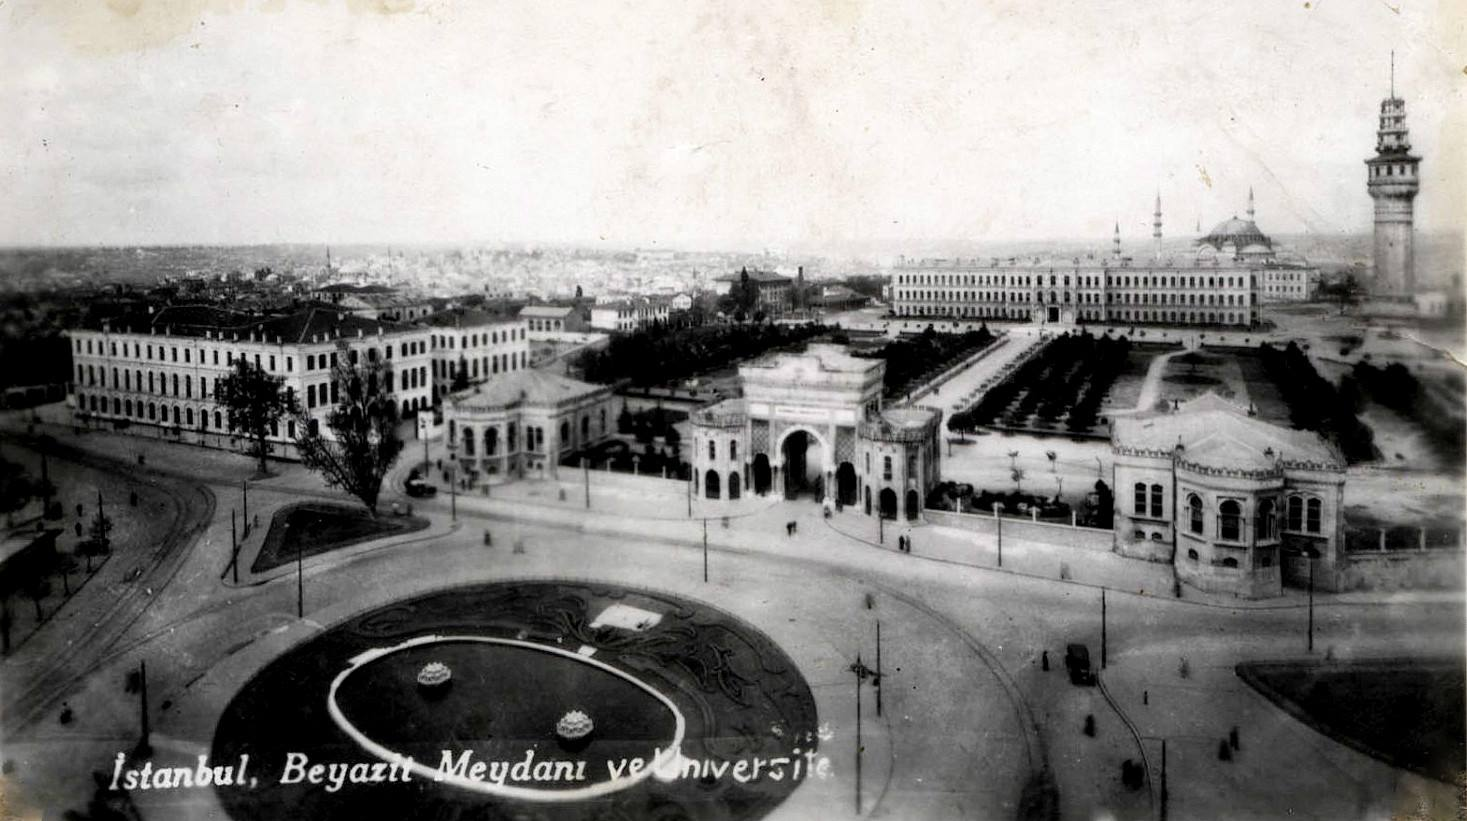 Beyazıt Meydanı ve #istanbul Üniversitesi (1930'lu yıllar) http://t.co/33P1sUcA3P